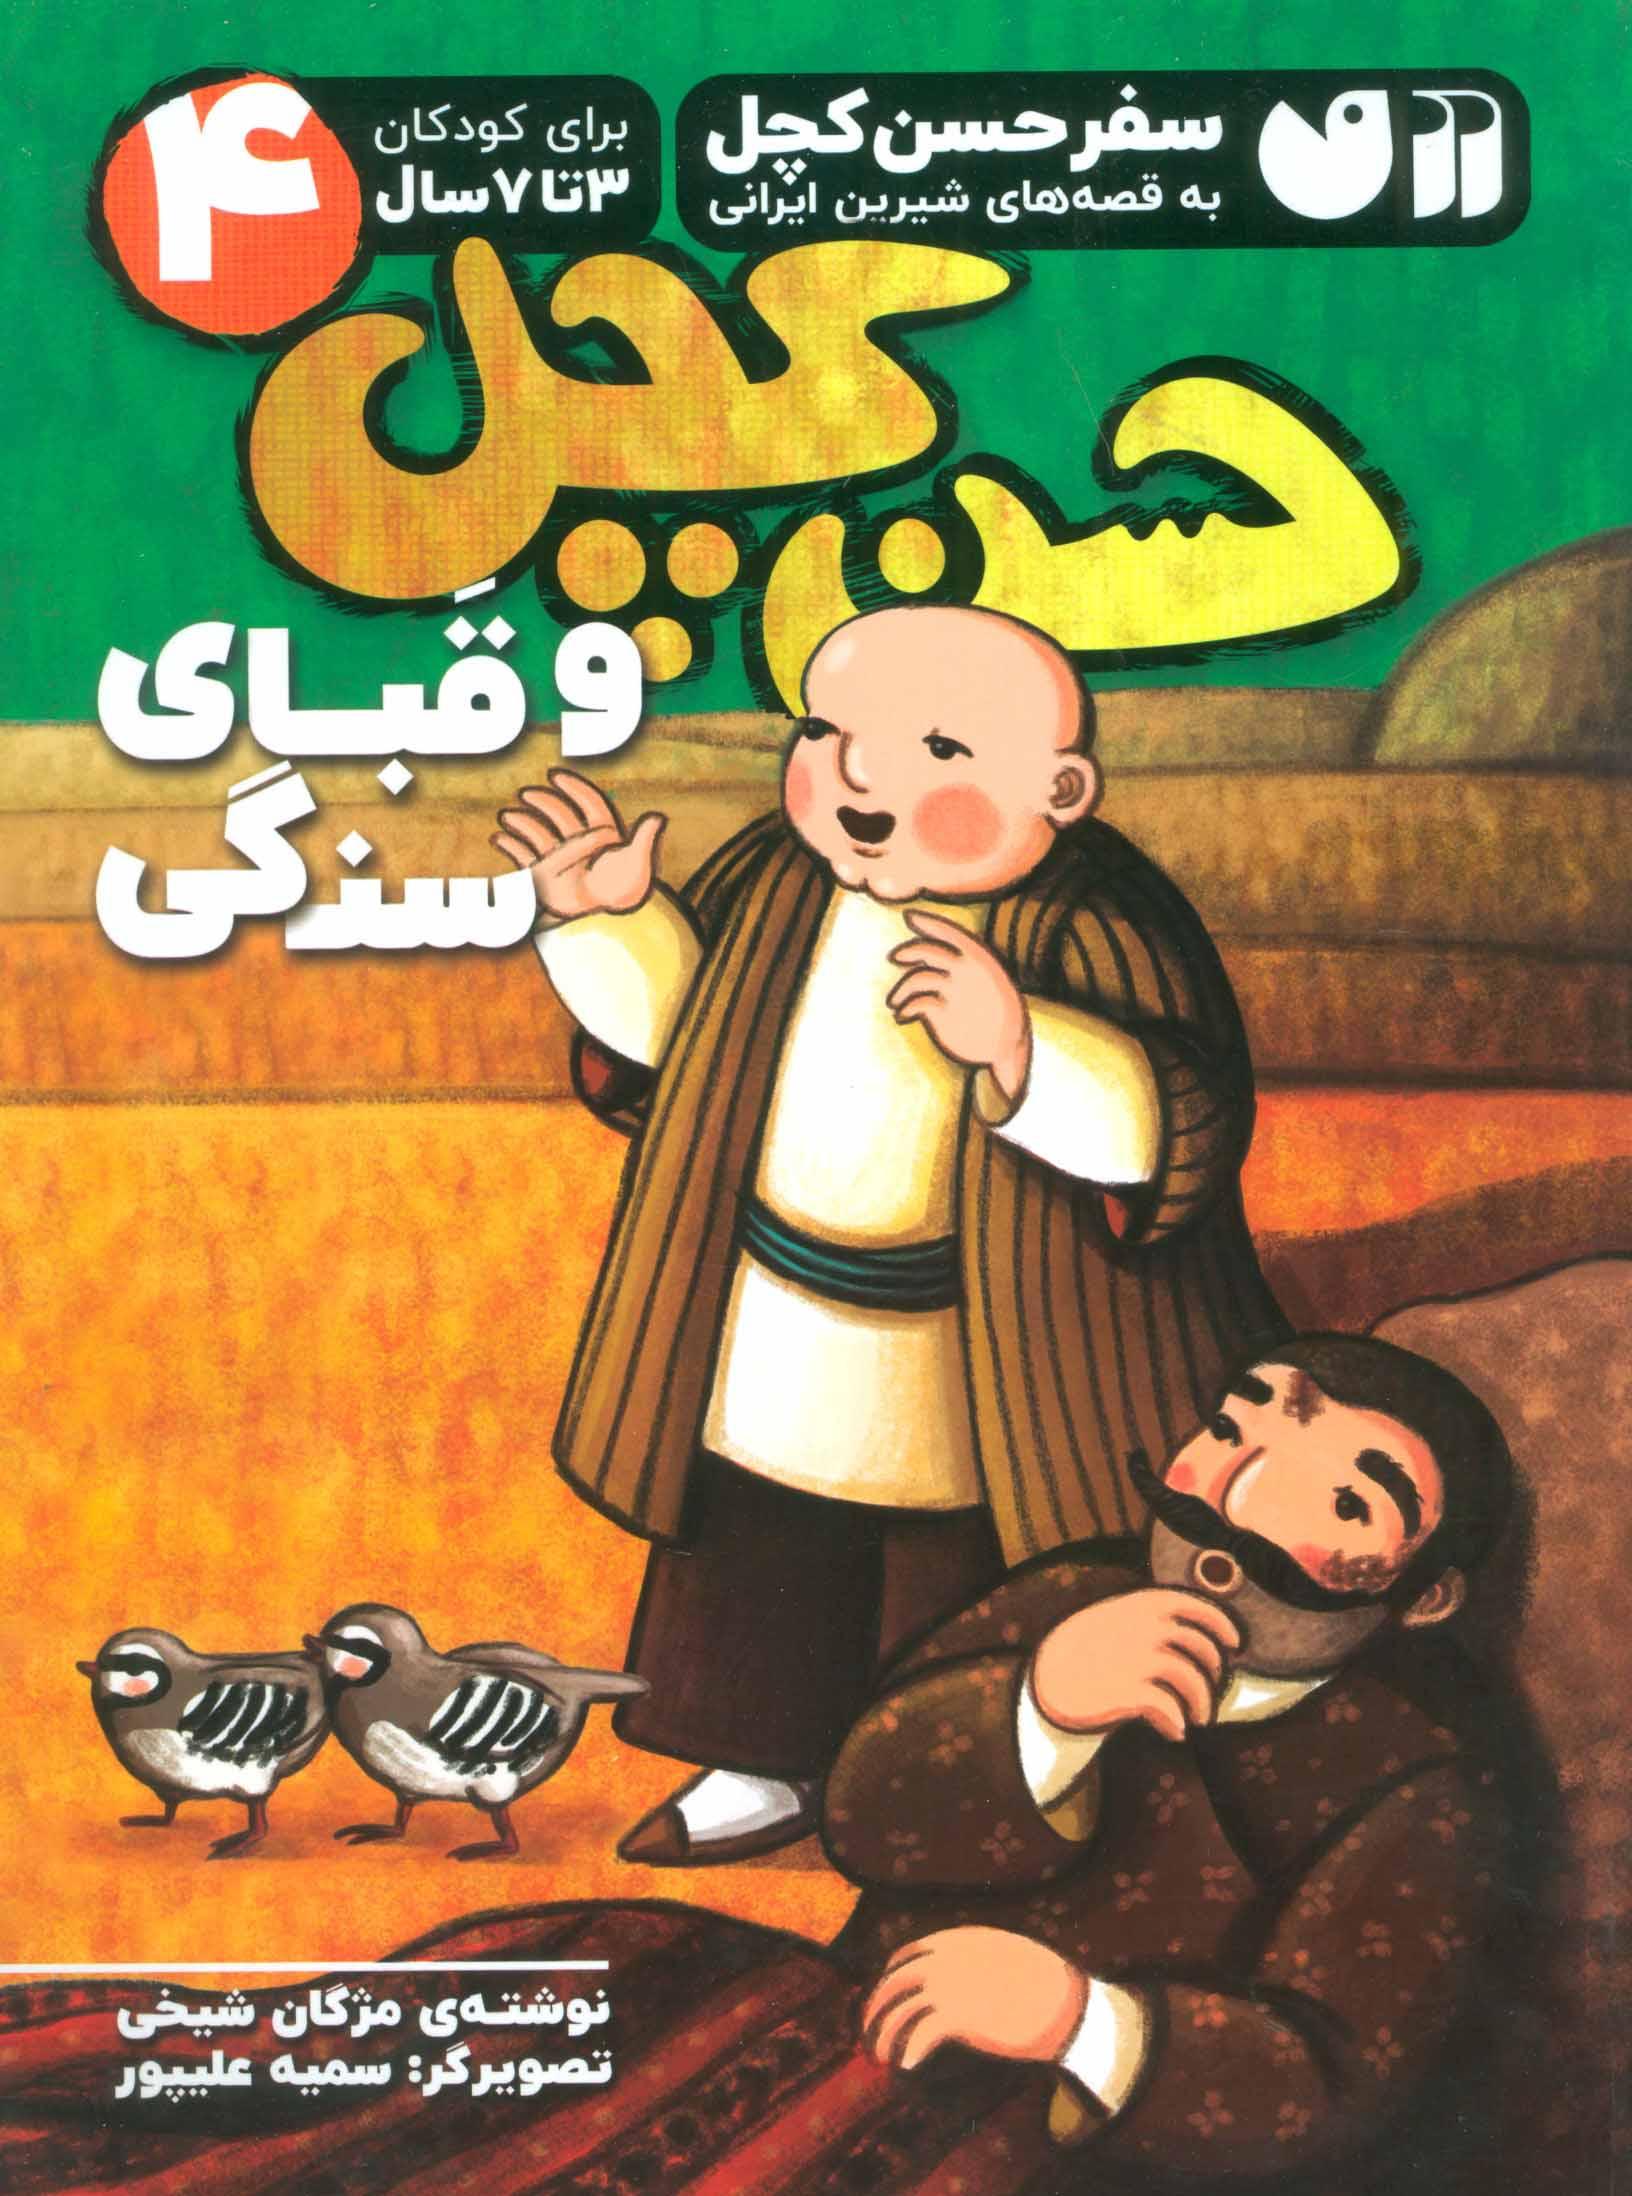 سفر حسن کچل به قصه های شیرین ایرانی 4 (حسن کچل و قبای سنگی)